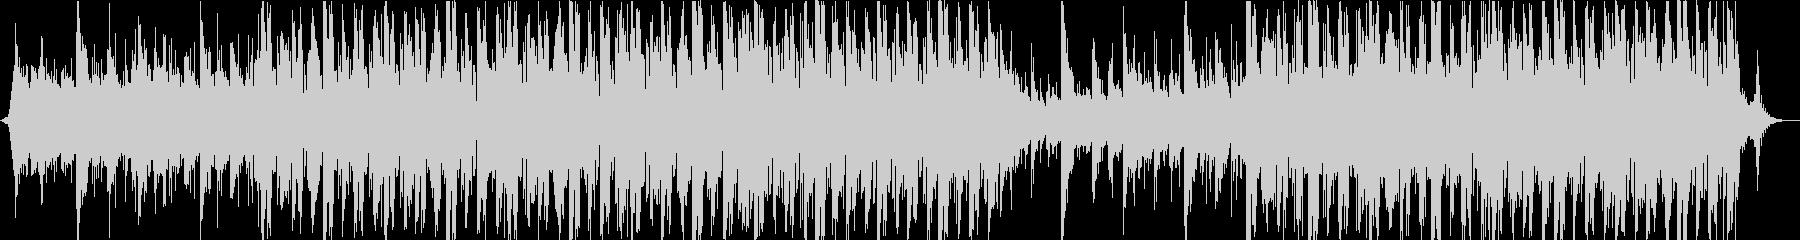 アコギシンセはるか長い旅をイメージした曲の未再生の波形